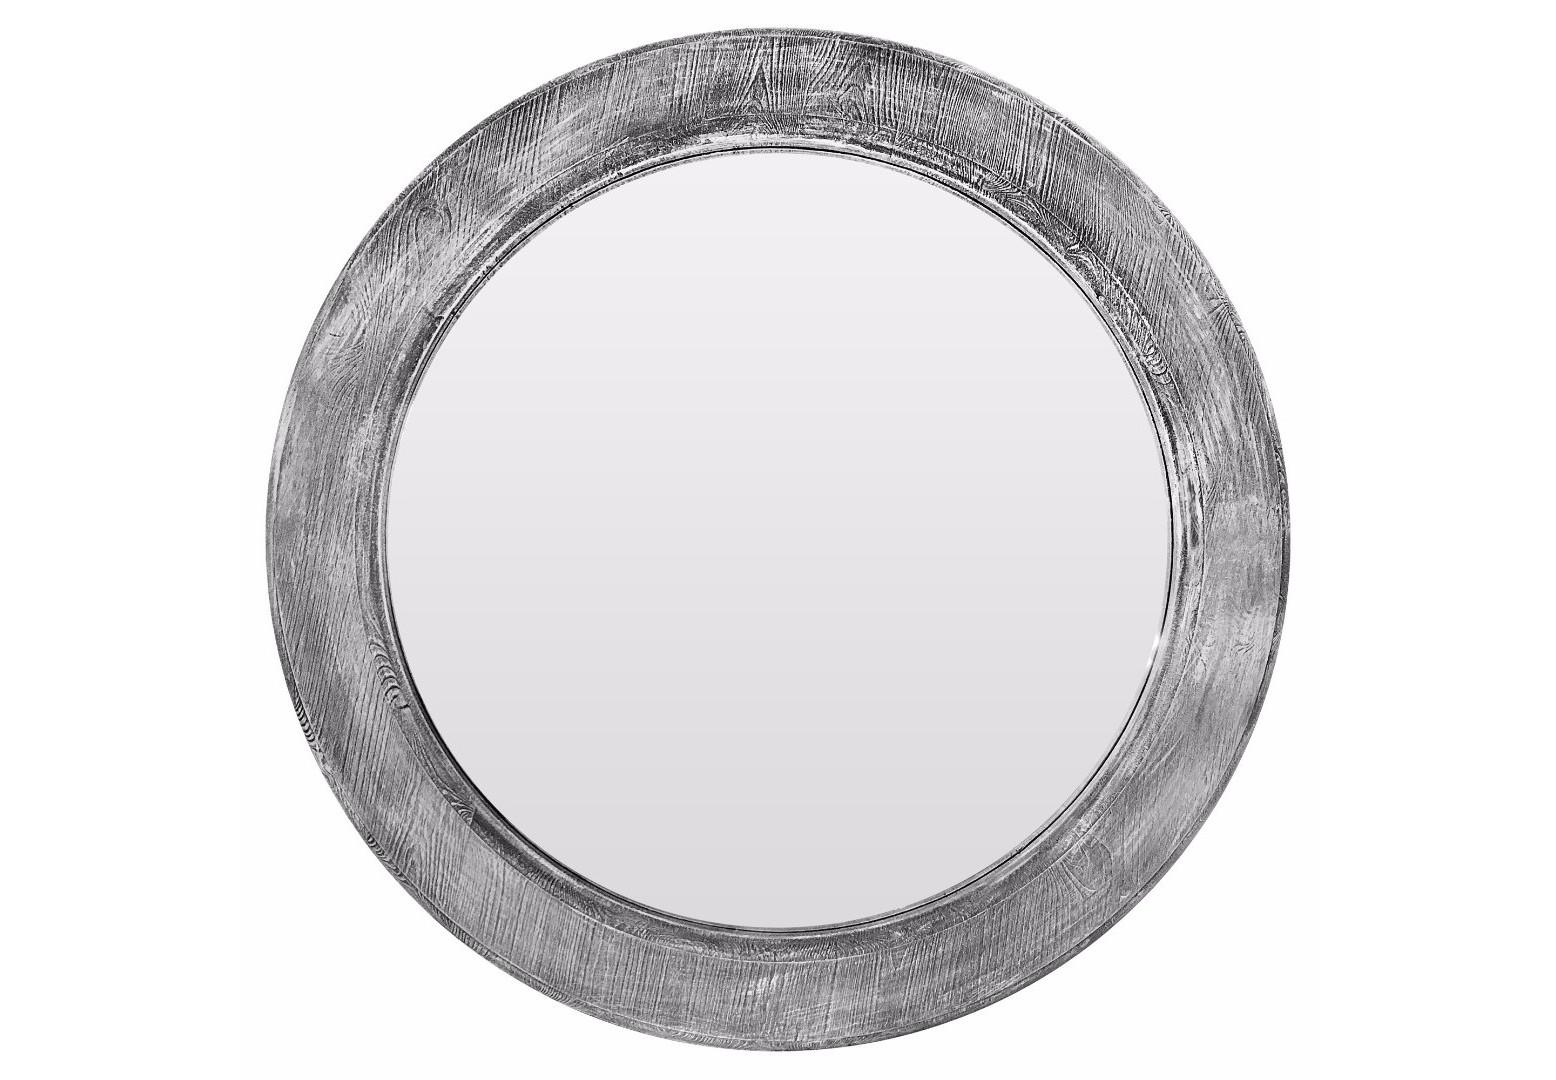 Зеркало Big Window GreyНастенные зеркала<br>Коллекции B-Home – это дизайнерские зеркала, зеркальная мебель и предметы интерьера. Все изделия от и до мы создаем сами в нашей мастерской. Каждое – это уникальное произведение, арт-объект со своей историей и мелодией. Мы следим за современными трендами, лично отбираем лучшие материалы и каждый день трудимся над созданием новых шедевров, которые будут радовать вас. Если вы ищете что-то действительно качественное, стоящее и эксклюзивное, что сделано с душой и руками человека, B-Home придется вам по вкусу!<br><br>Material: Дерево<br>Глубина см: 3.0